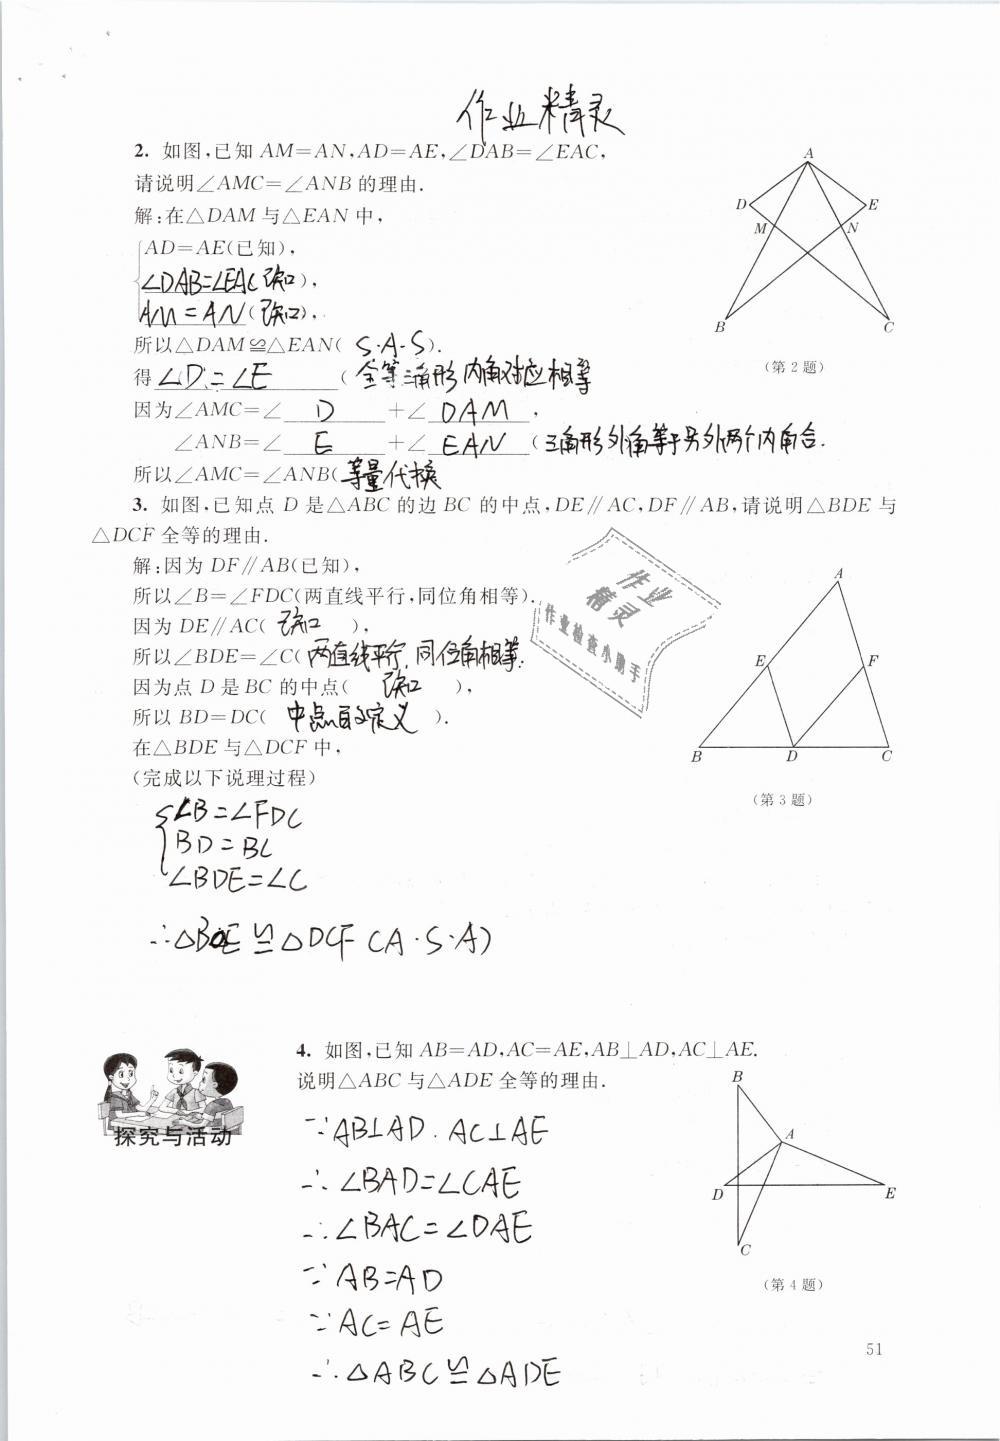 2019年数学练习部分七年级第二学期第51页